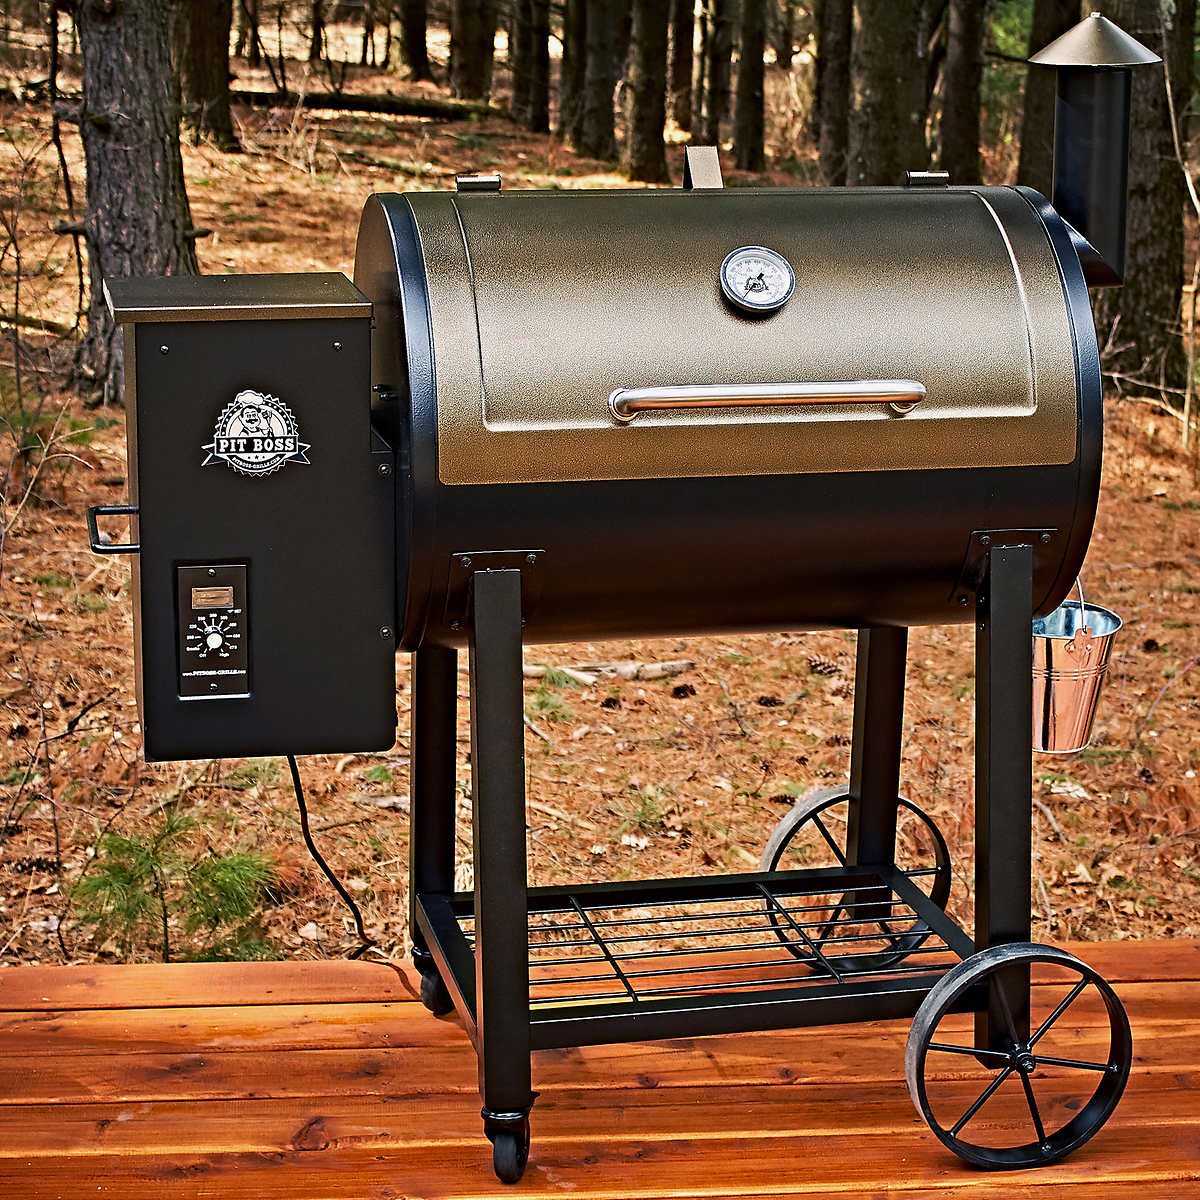 Kitchenaid Gas Grill Costco kitchenaid 8-burner grill